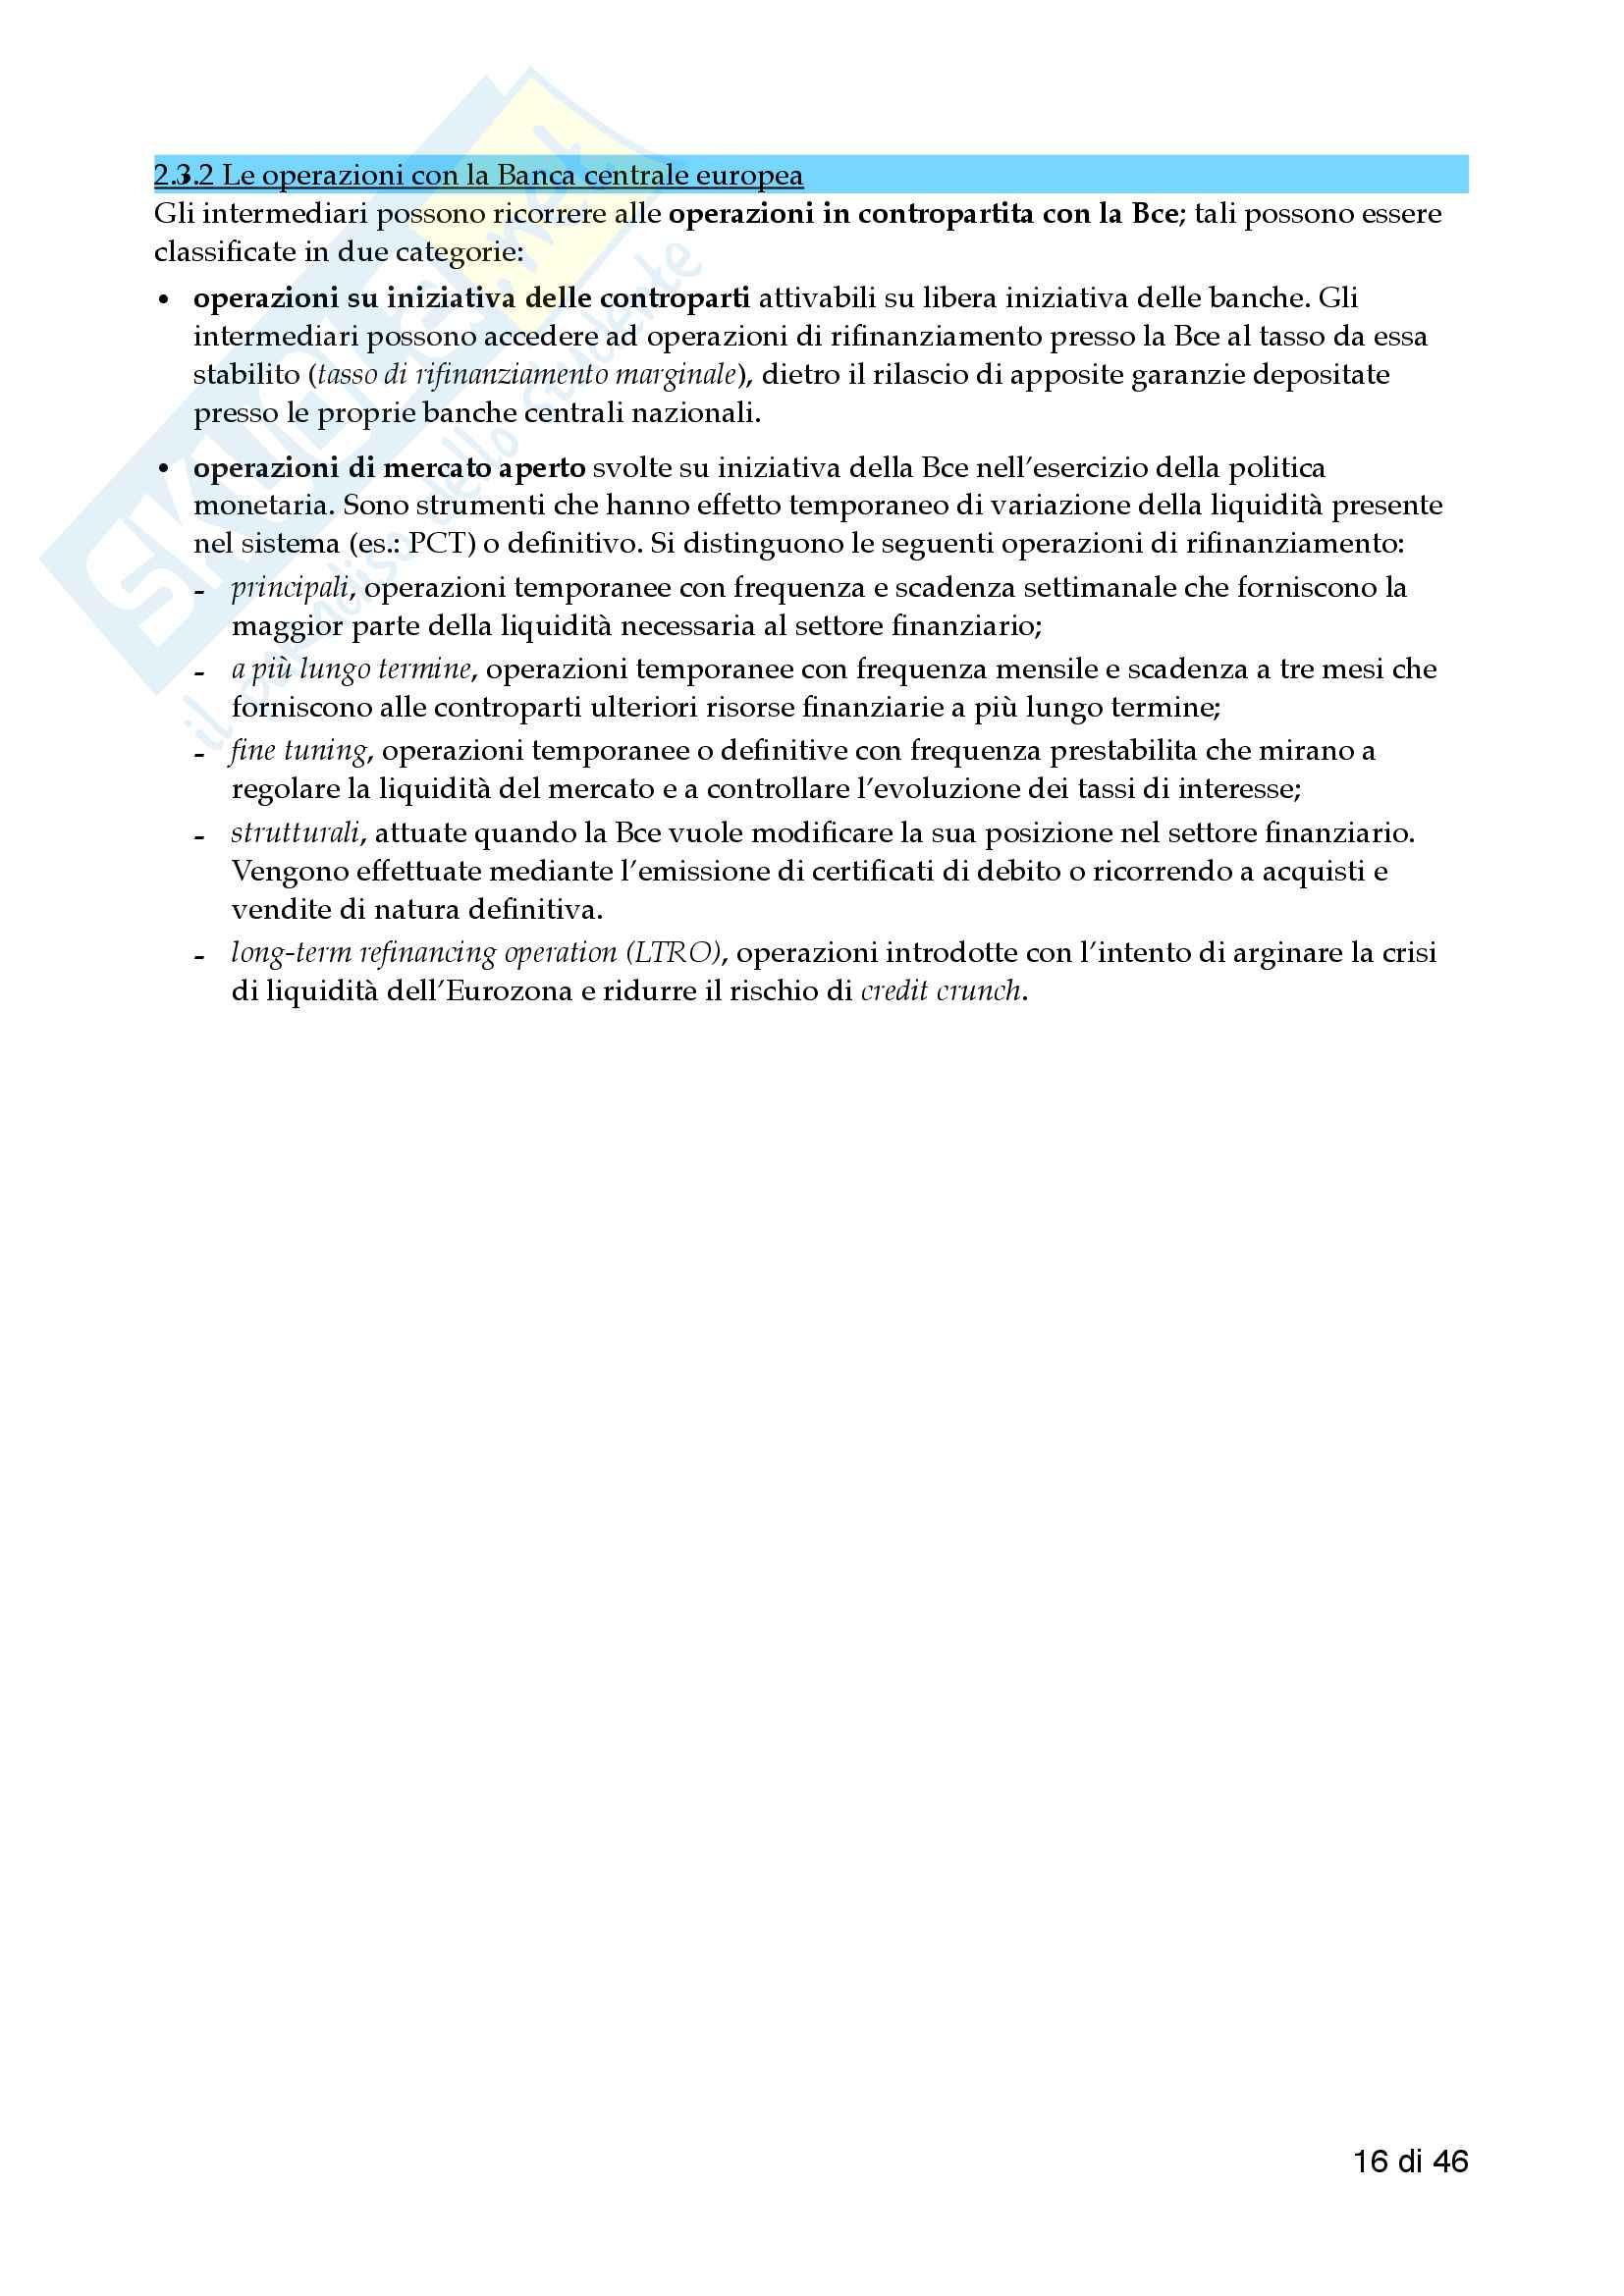 Economia delle aziende di credito - 1 Pariziale pdf Pag. 16